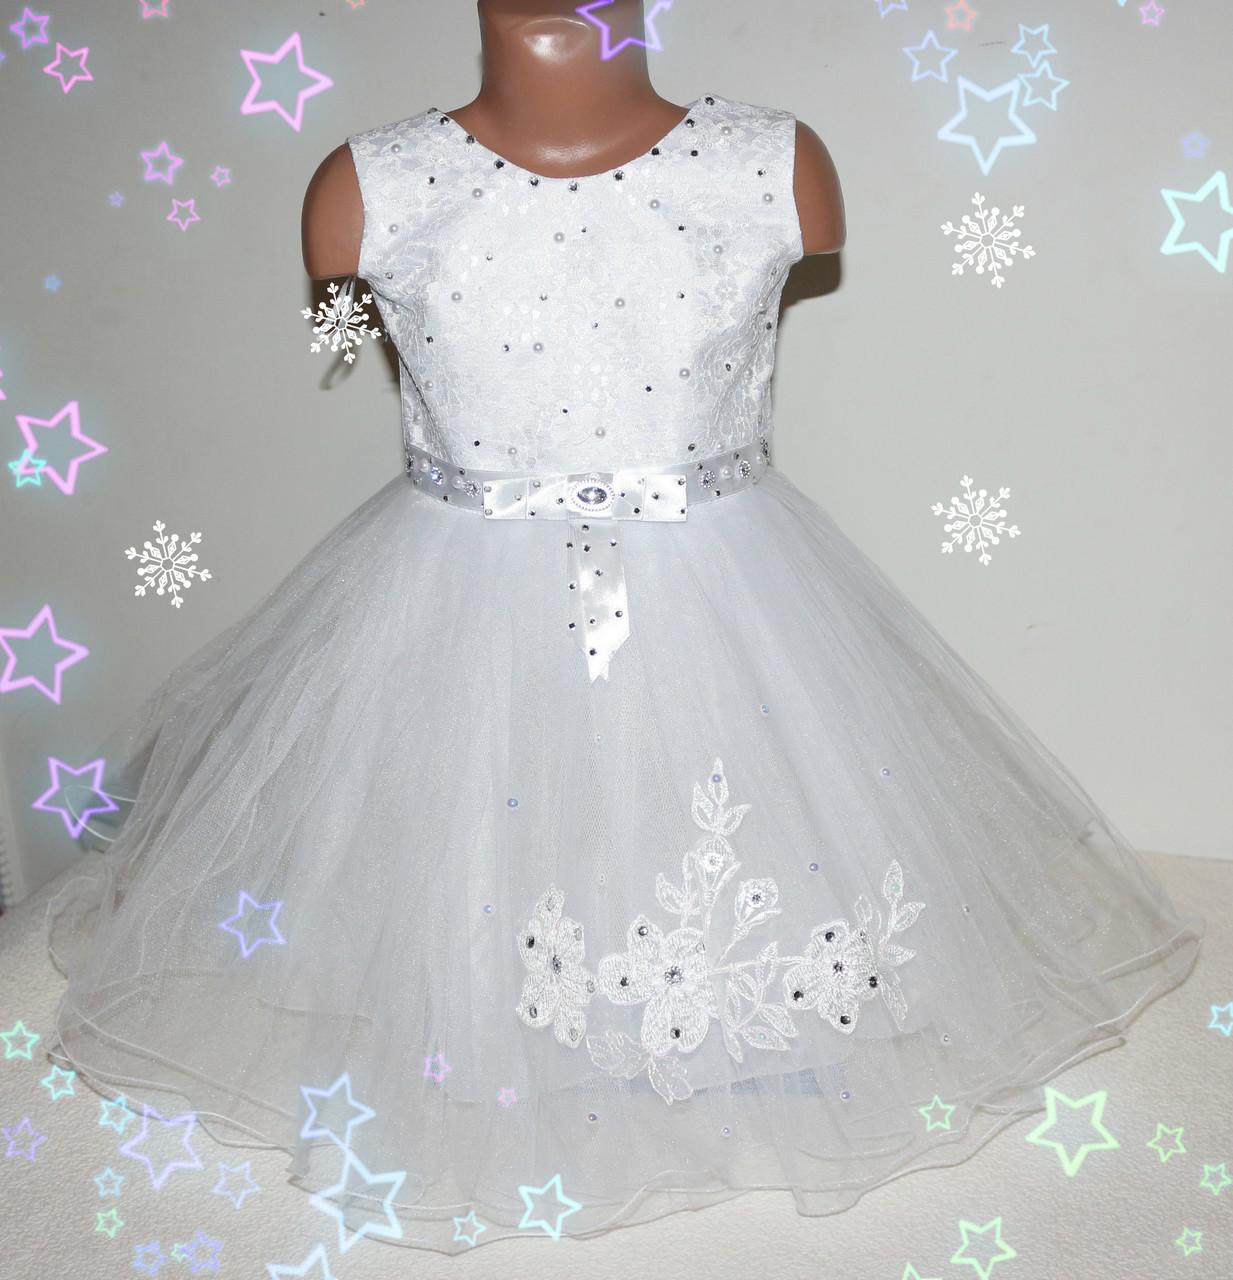 324adae29a1 Новогоднее нарядное платье для девочки 3-5 лет (корсет) - Детская одежда из